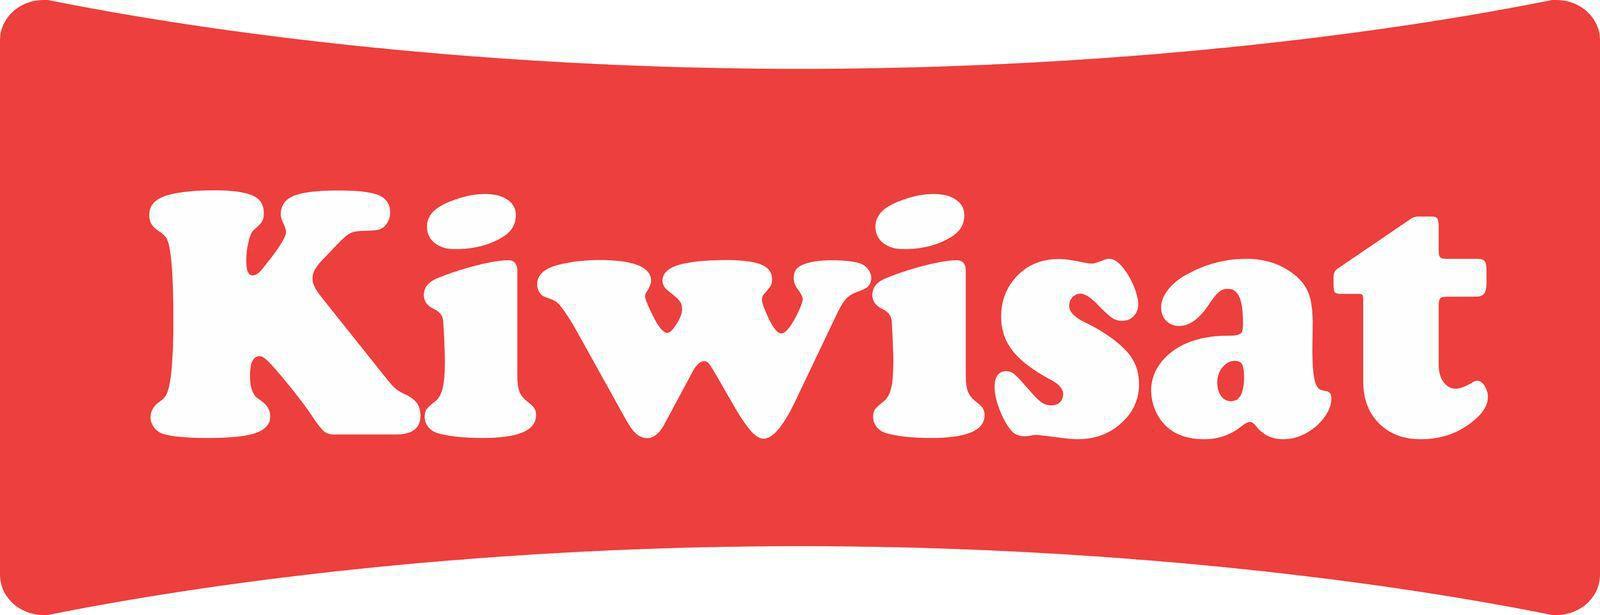 Une nouvelle chaîne lifestyle débarque sur Kiwisat !